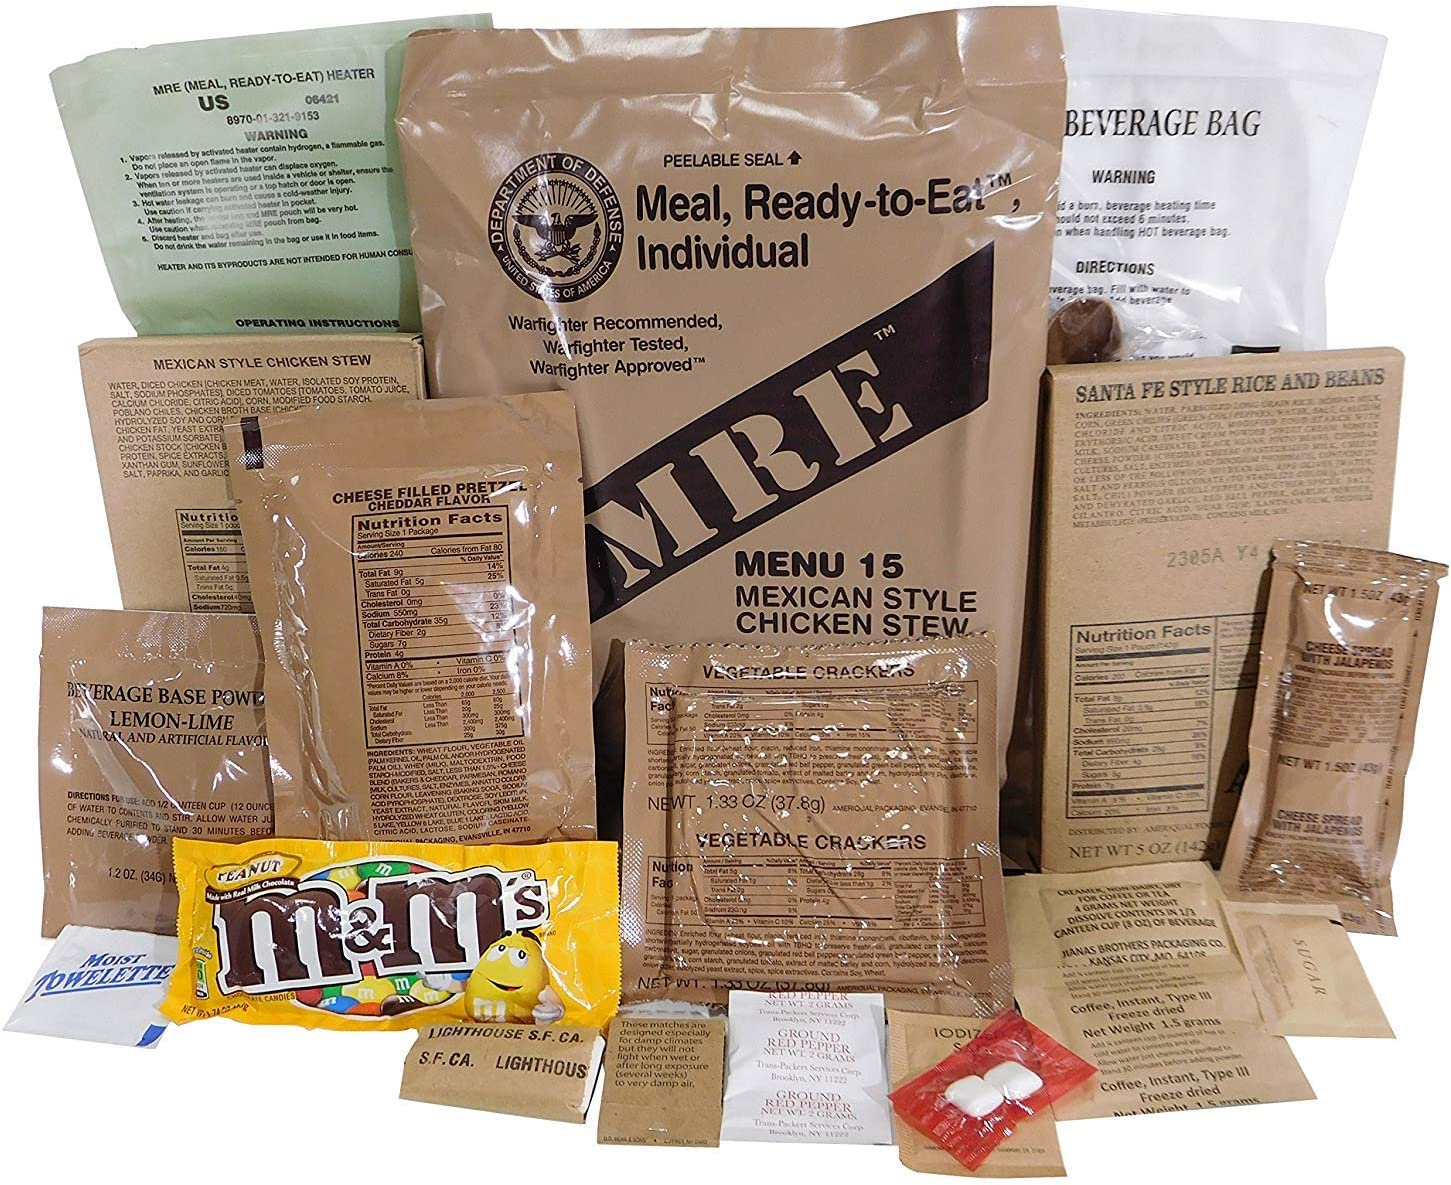 Kit de Supervivencia, ración de Alimentos de Emergencia, Militar, ejército EE.UU, MRE, NATO, 1-24: Amazon.es: Deportes y aire libre